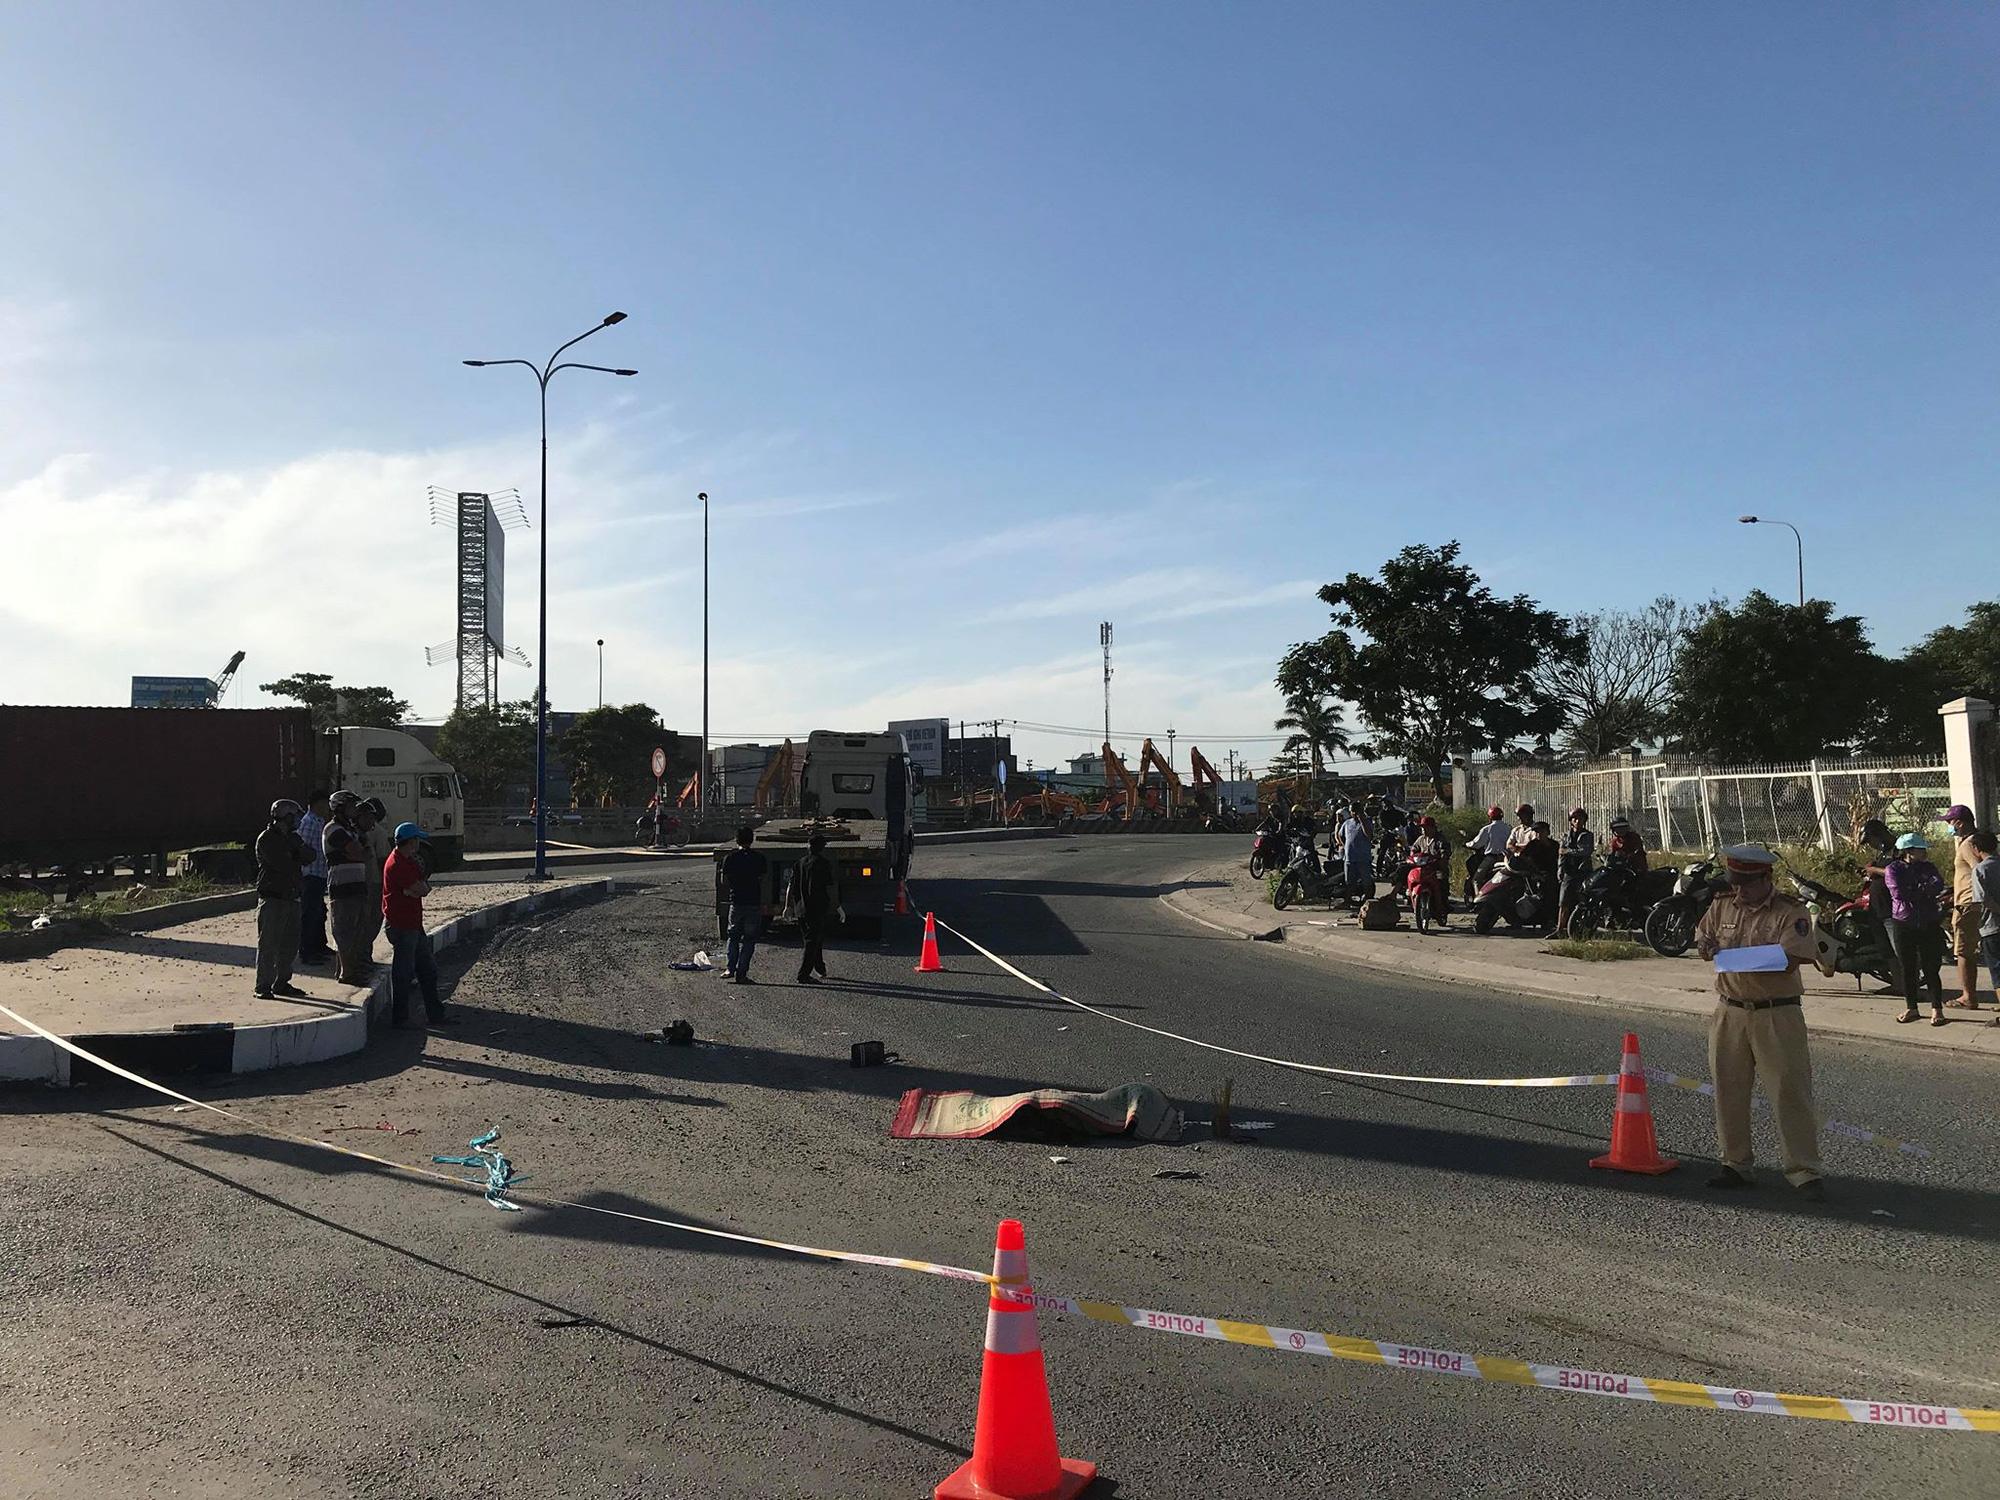 Bị container cán, nữ công nhân tử vong khi đang trên đường đi làm - Ảnh 2.